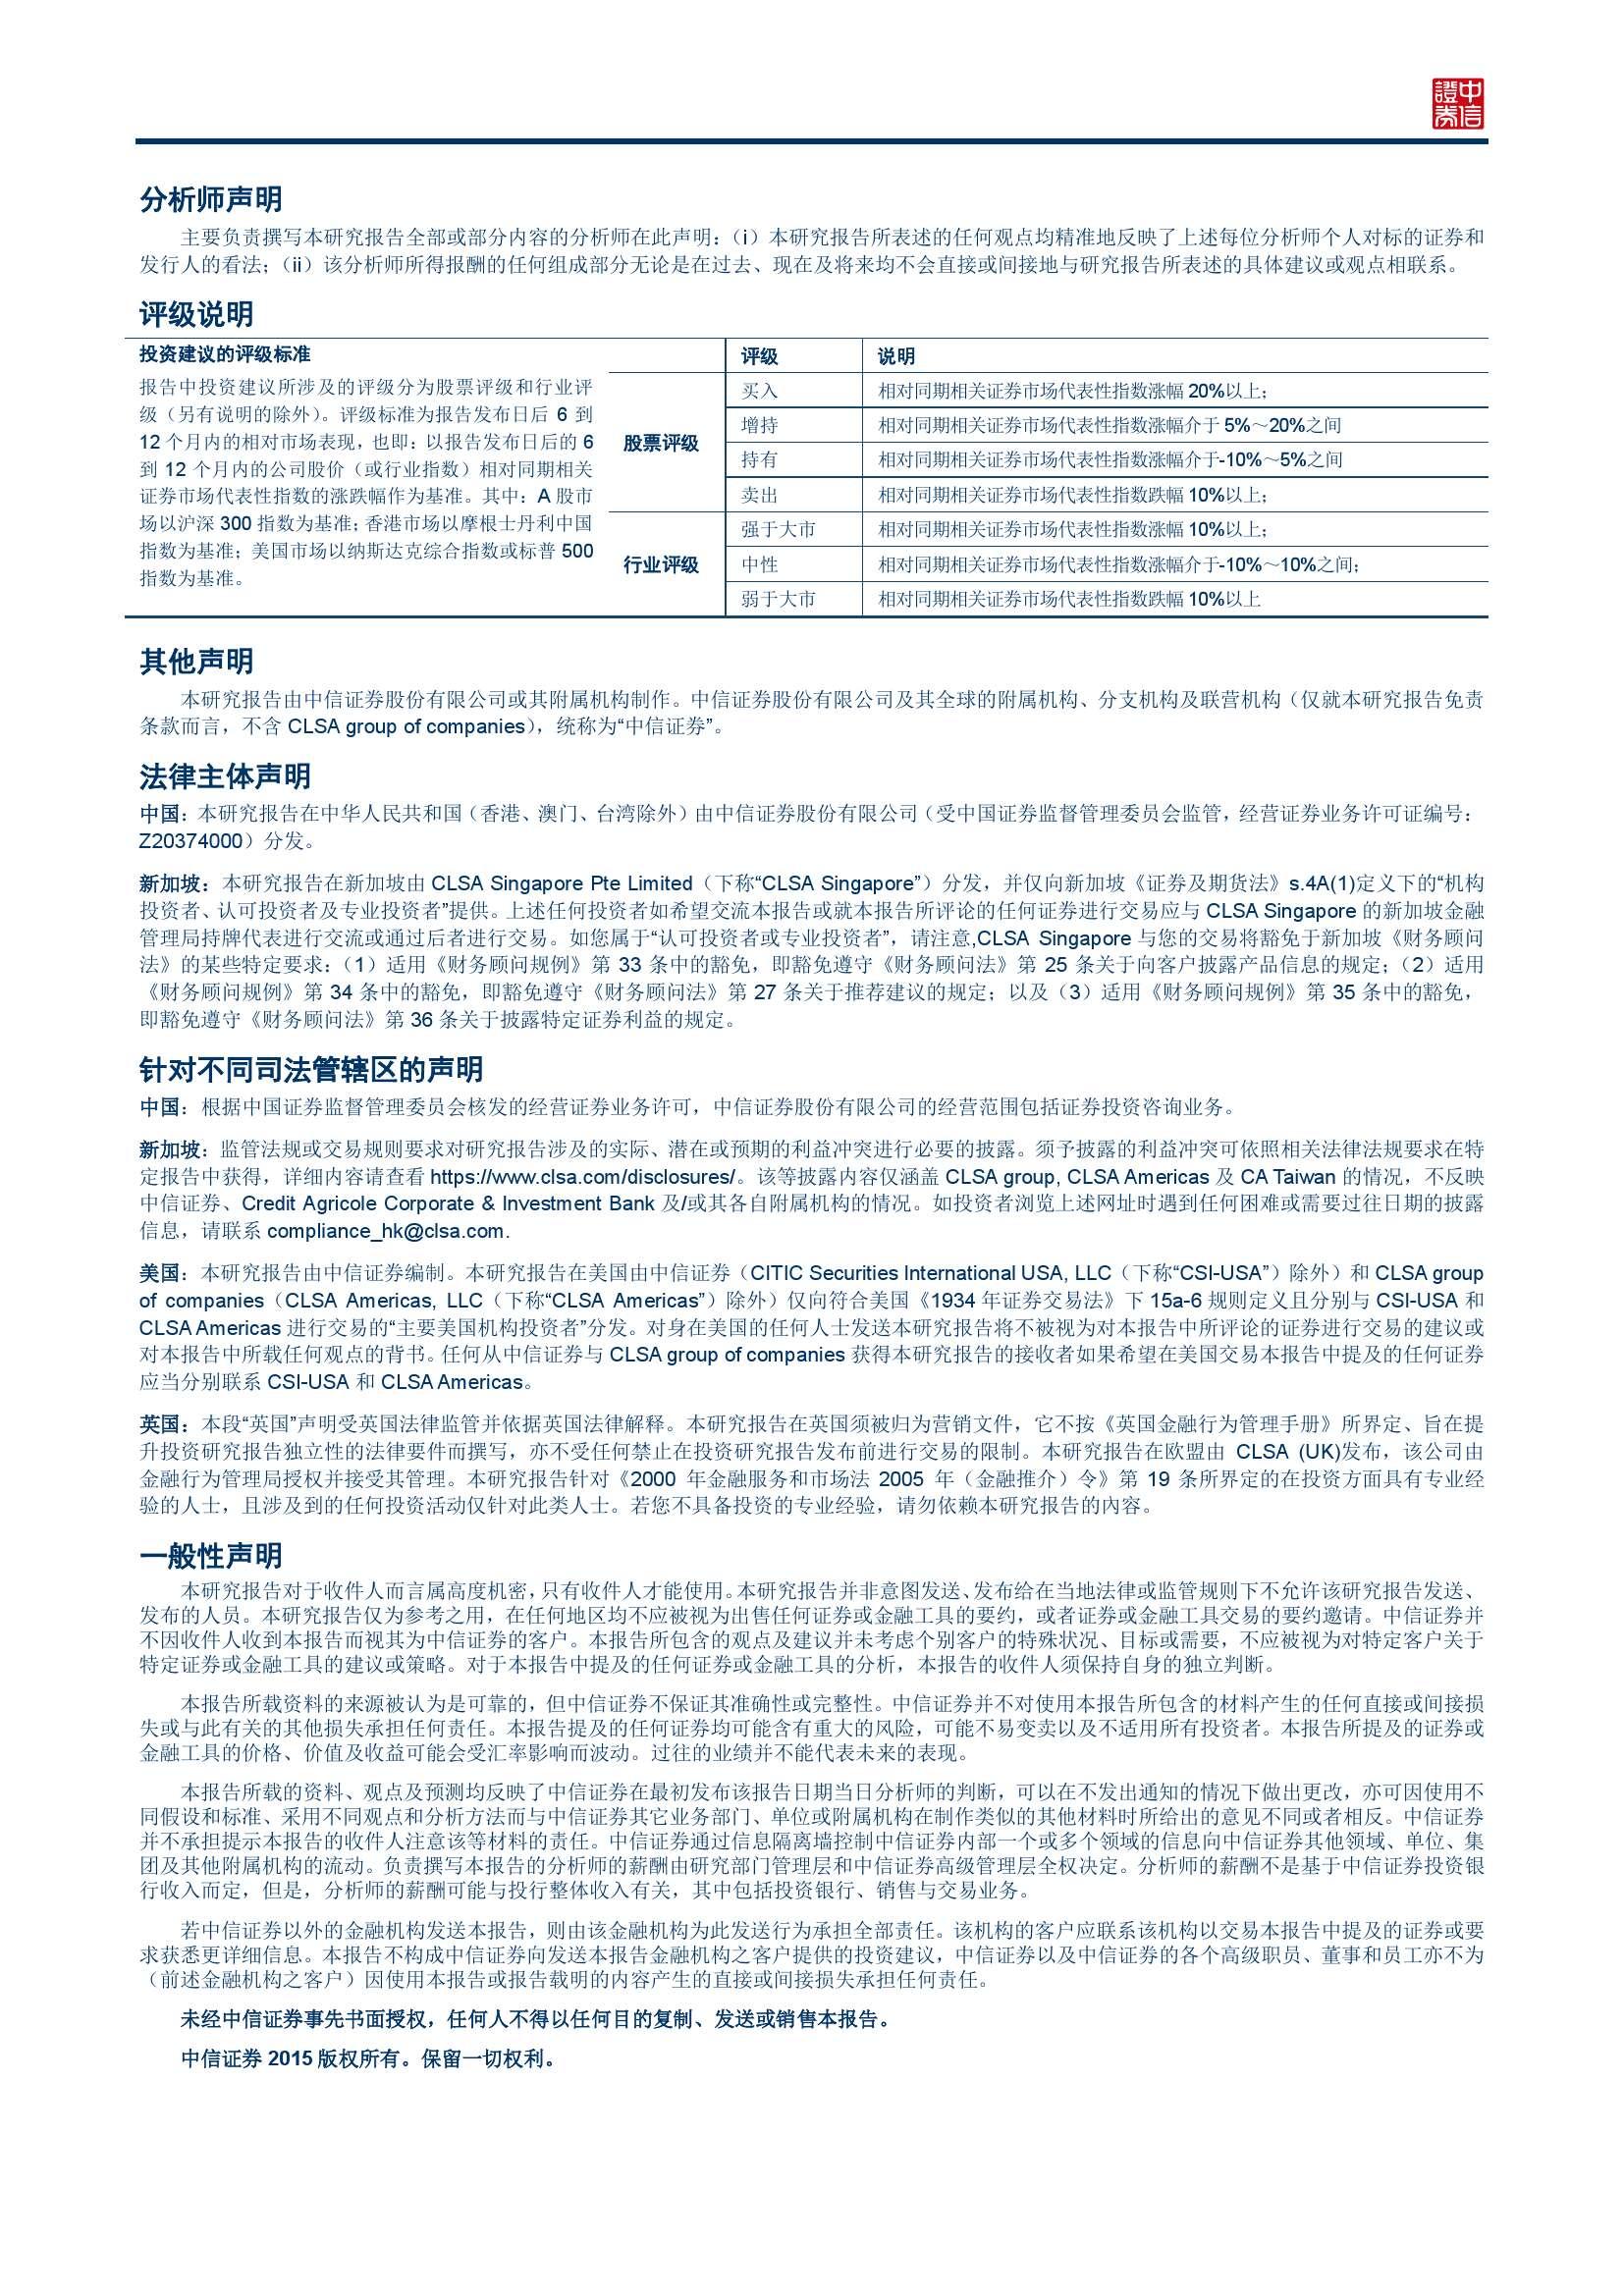 中信证券音乐行业深度研究报告_000039